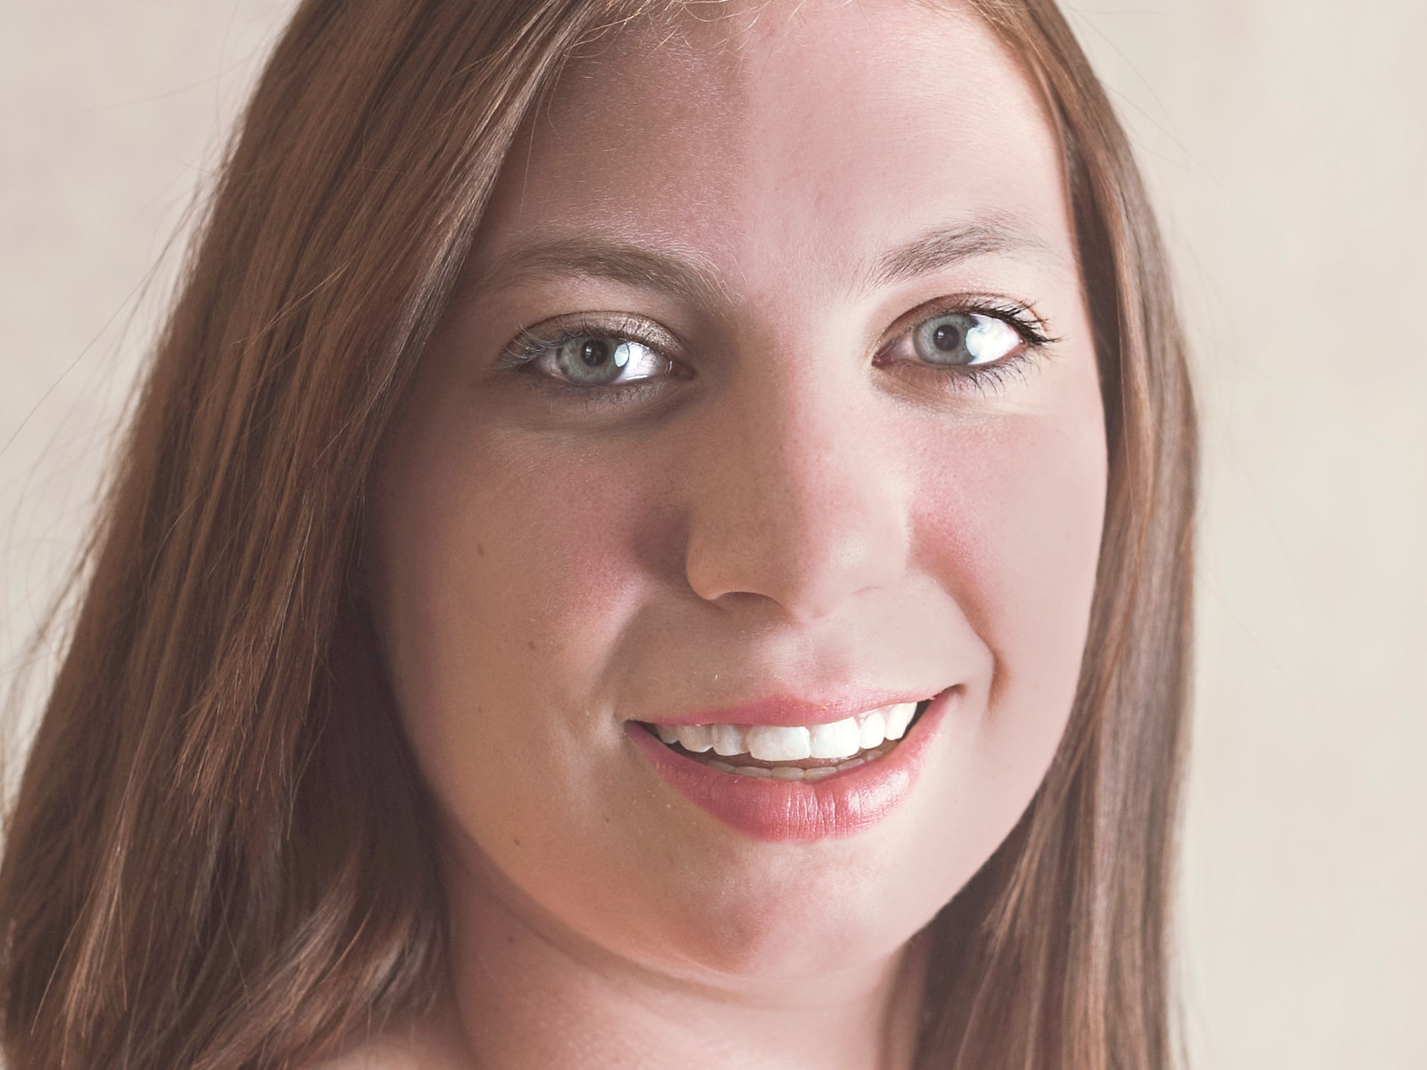 Contestant # 4: Jennifer Krakow